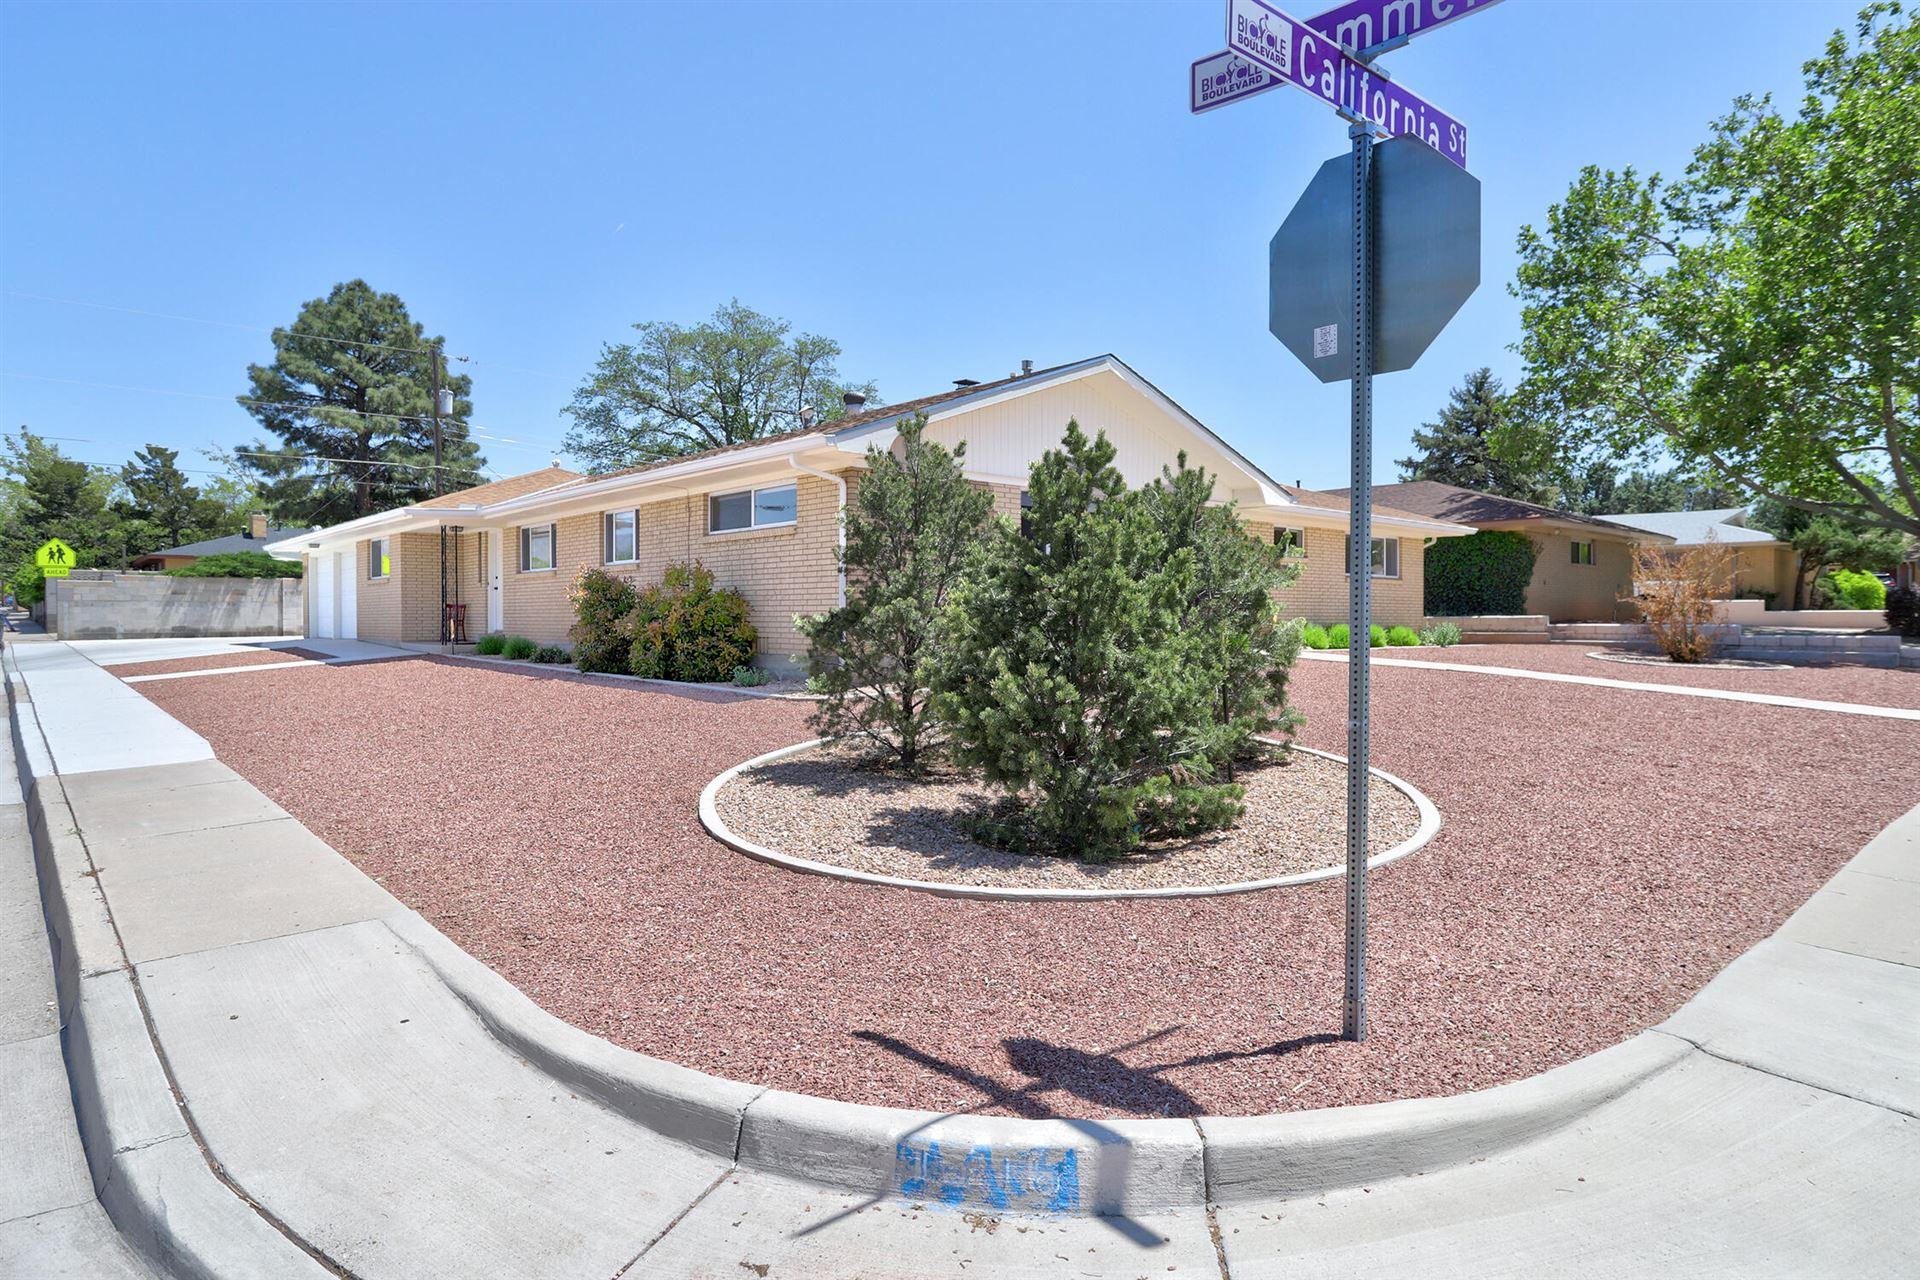 Photo of 1516 CALIFORNIA Street NE, Albuquerque, NM 87110 (MLS # 991547)